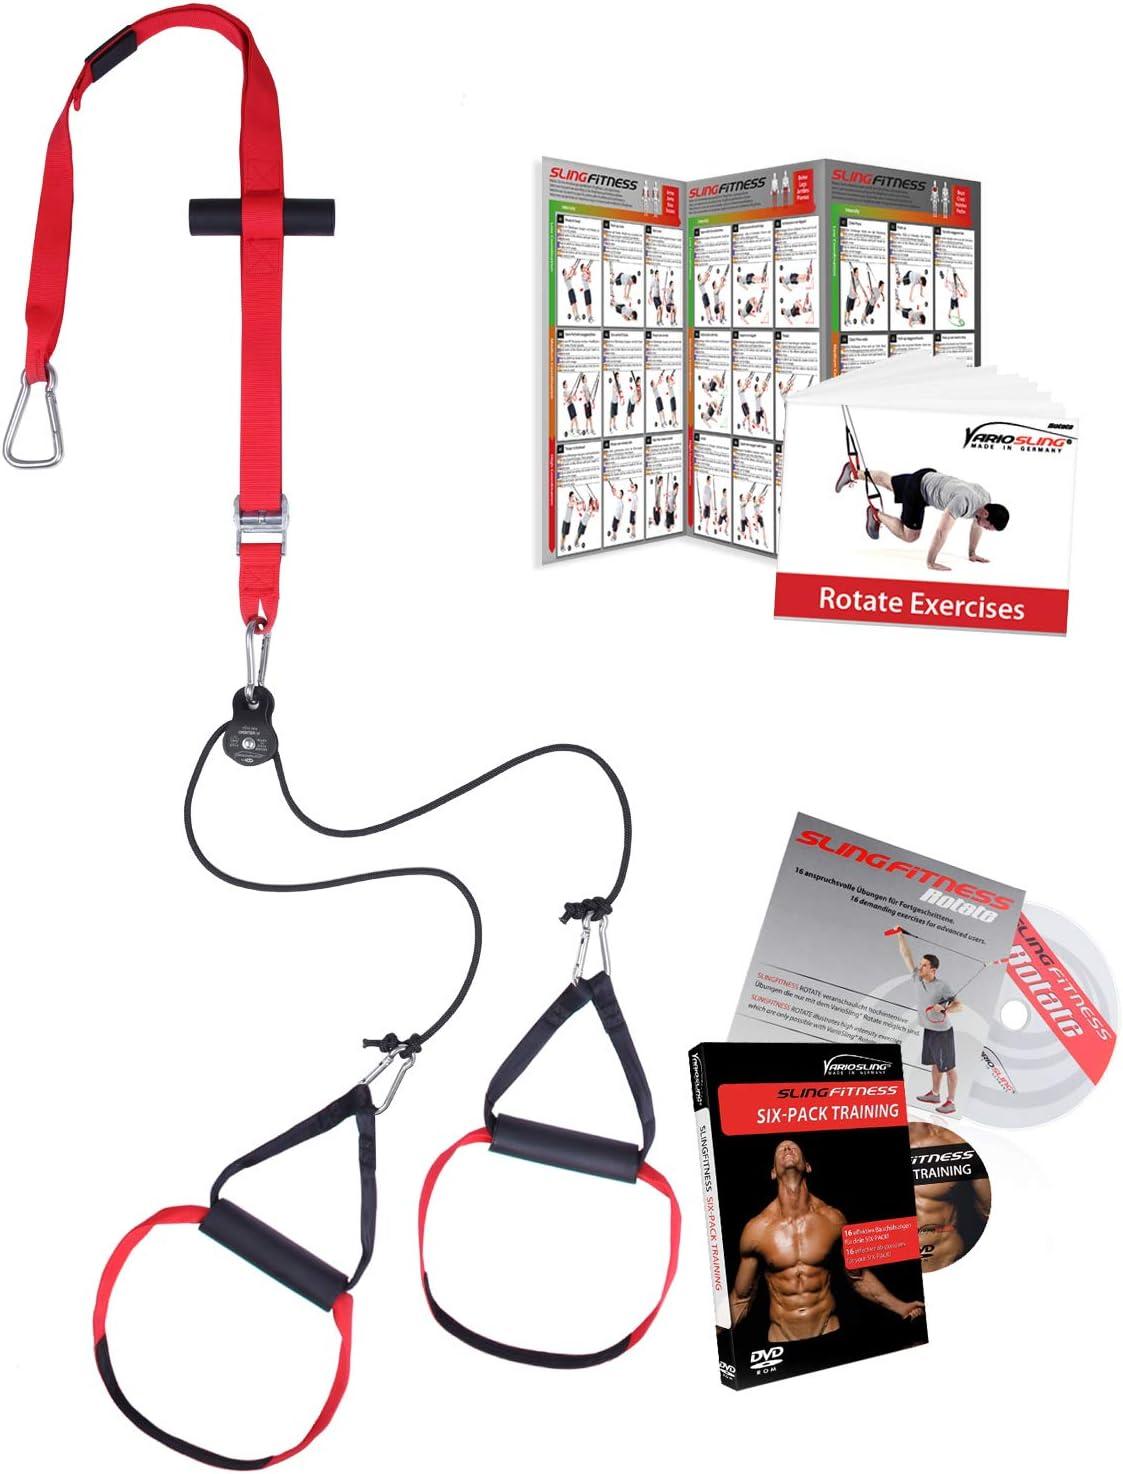 Variosling® Sistema/Kit DE ROTACIÓN de Entrenamiento en Suspensión/Sling-Trainer   Ancla de la Puerta, Póster/DVD de Ejercicios, Bolsa de Transporte   ...